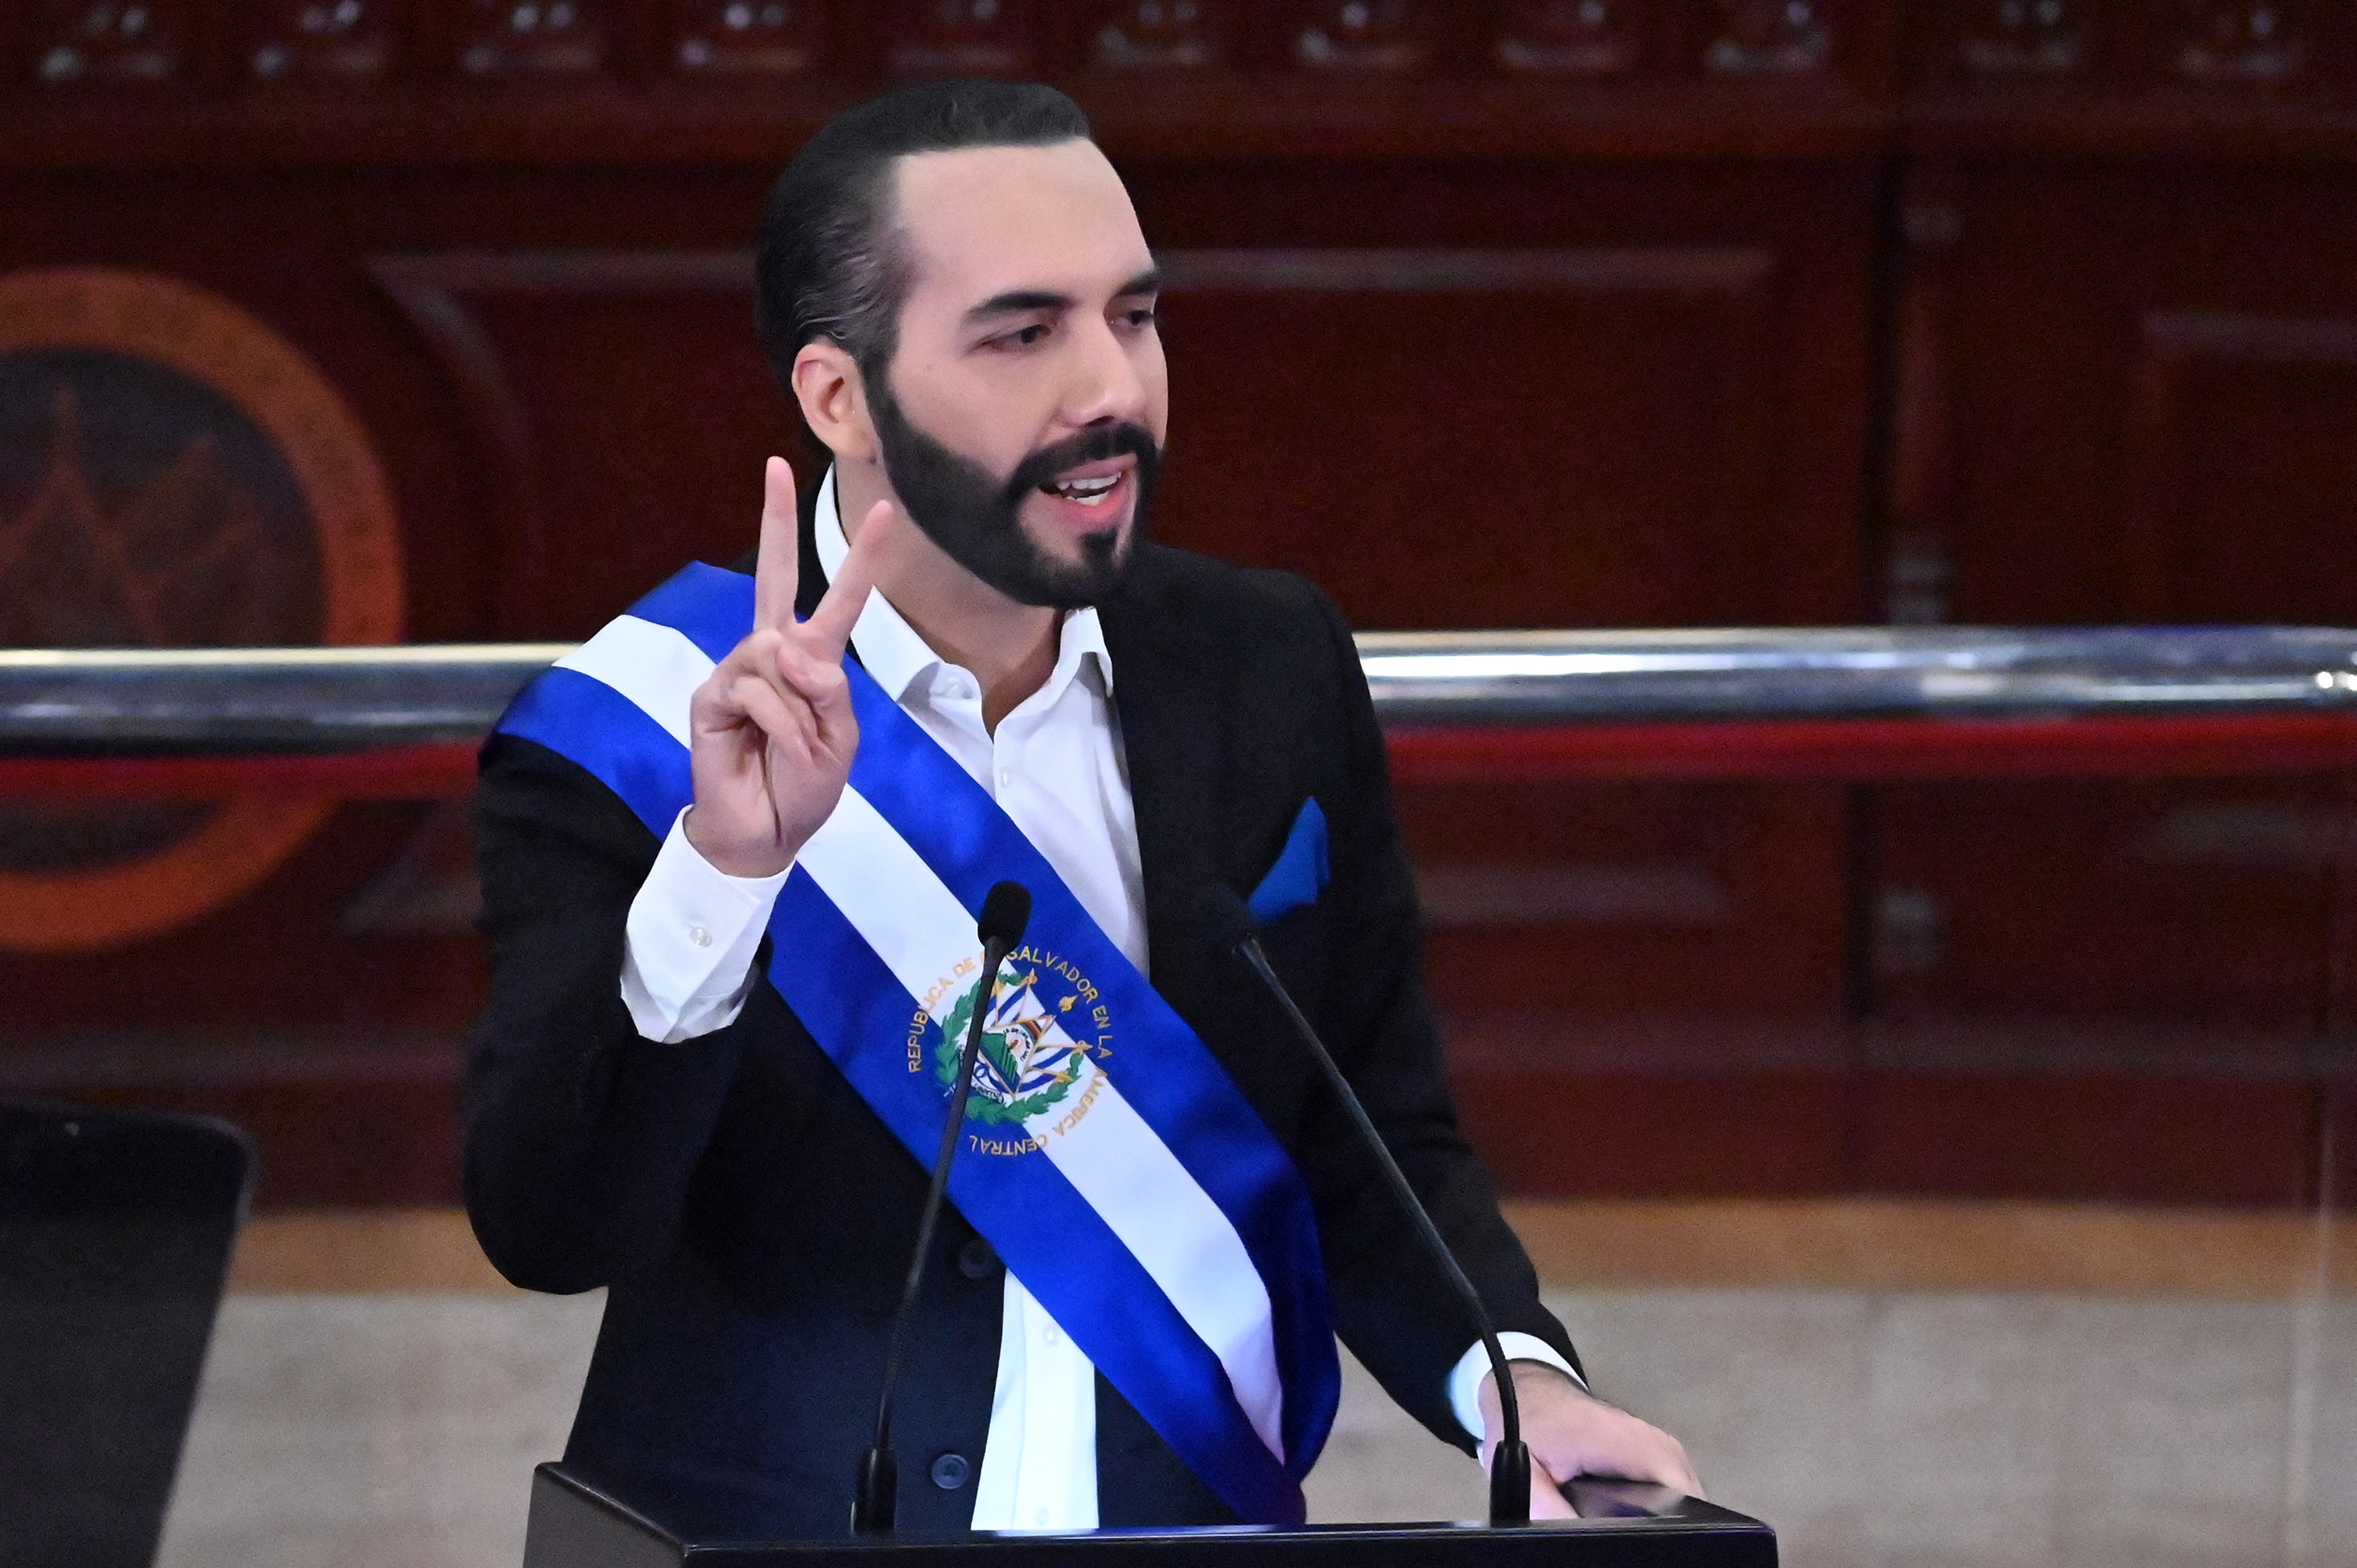 El Salvador elnöke hivatalos fizetőeszközzé tenné a bitcoint